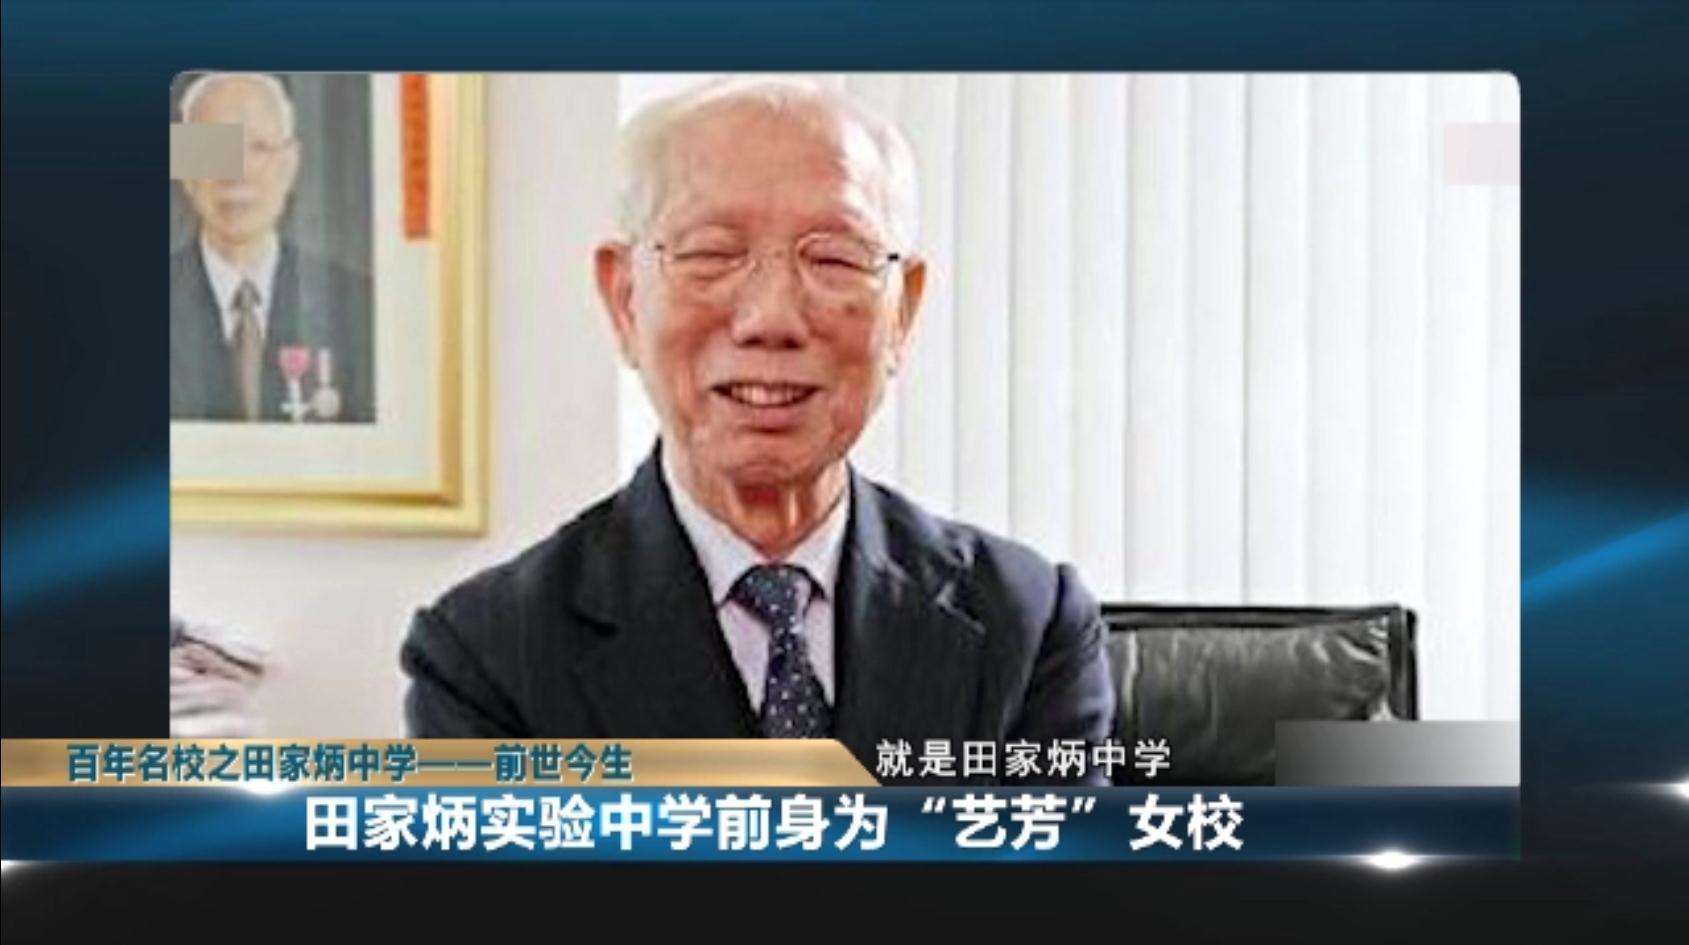 政法频道《开讲》致敬经典之百年名校(艺芳)